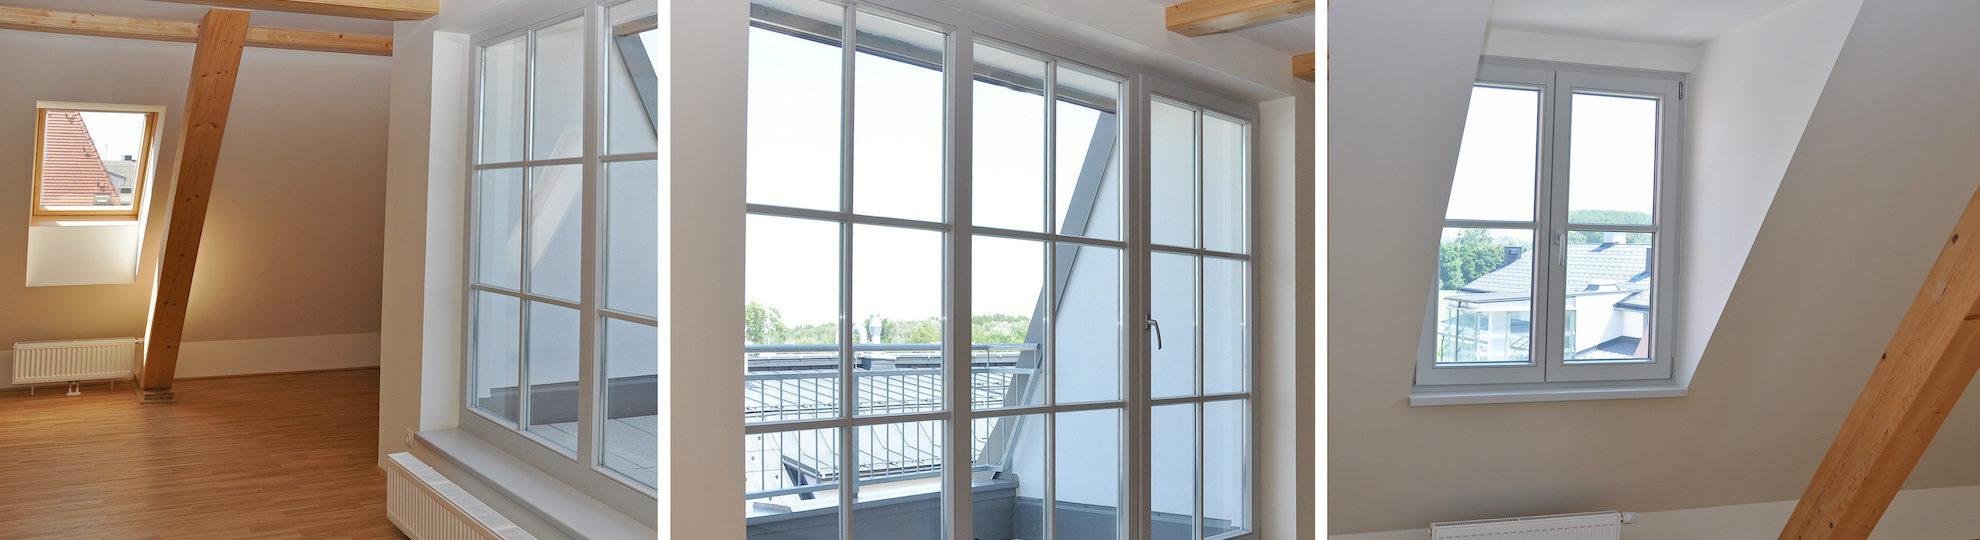 Fenster Berlin | Kunststofffenster | Holzfenster kaufen